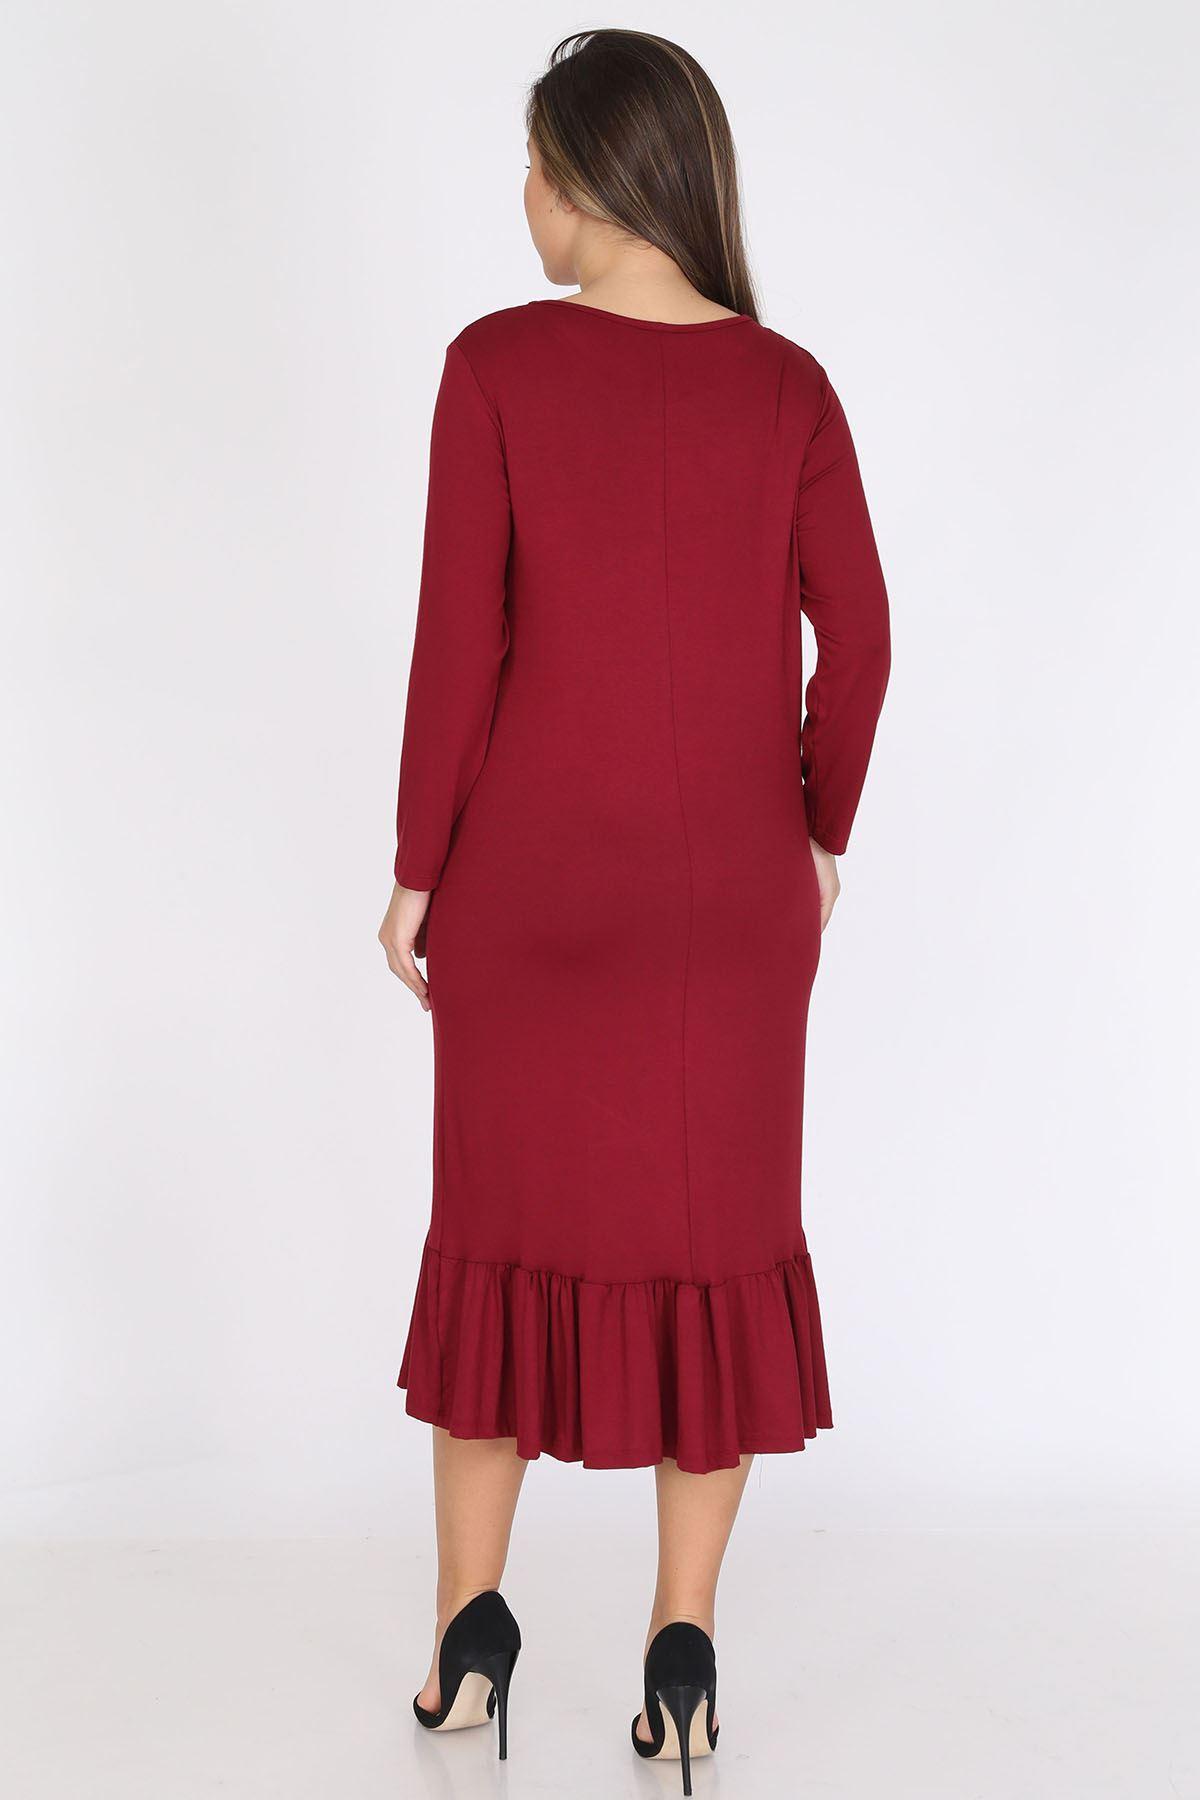 Bordo Uzun Kollu Büyük Beden Elbise 12C-0786